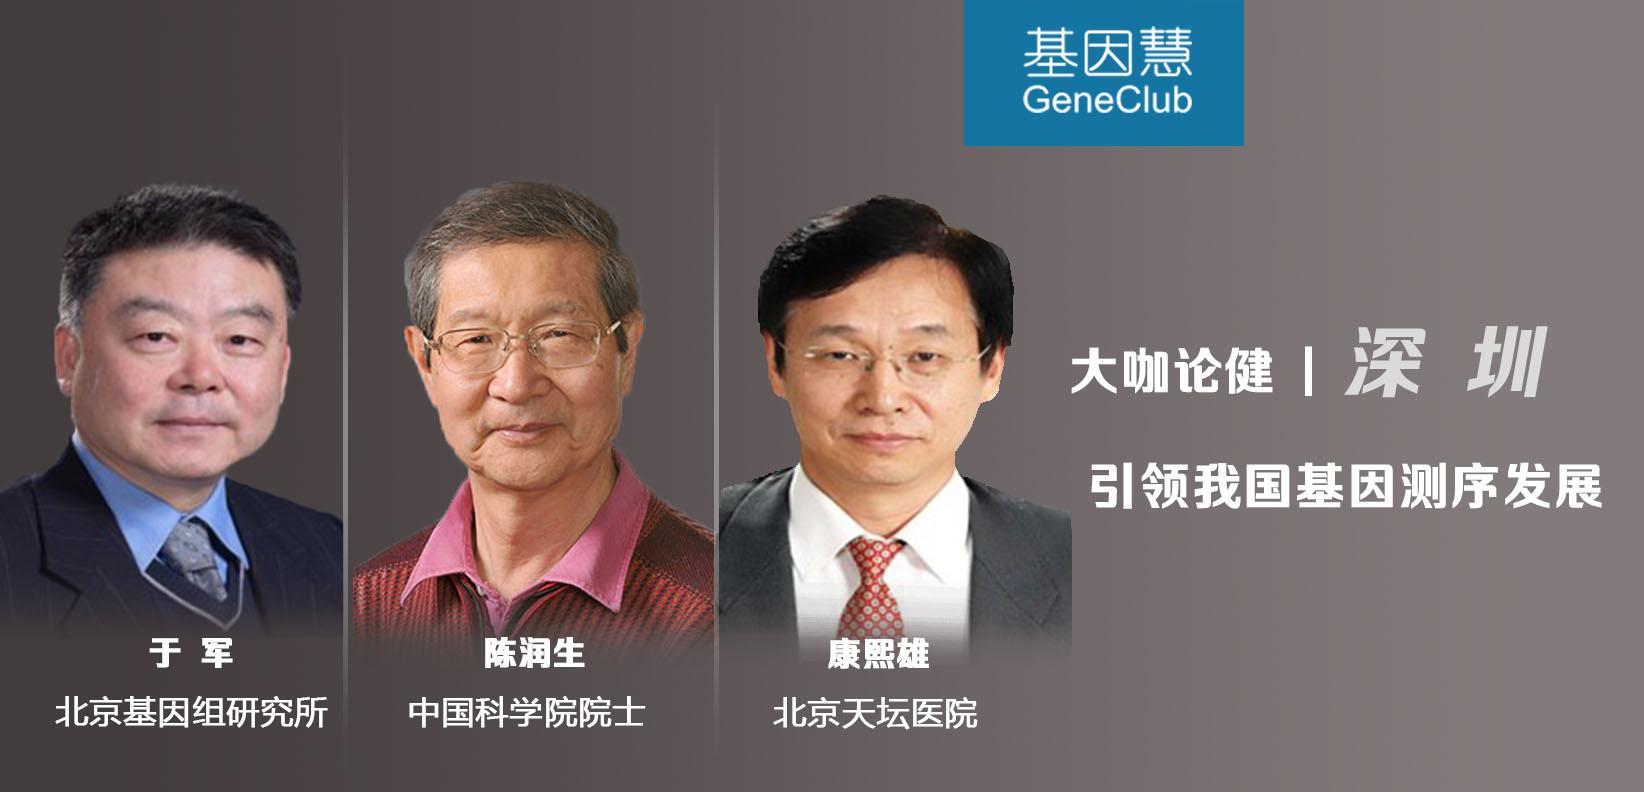 大咖论健81期 | 访陈润生/于军/康熙雄:深圳引领我国基因测序发展